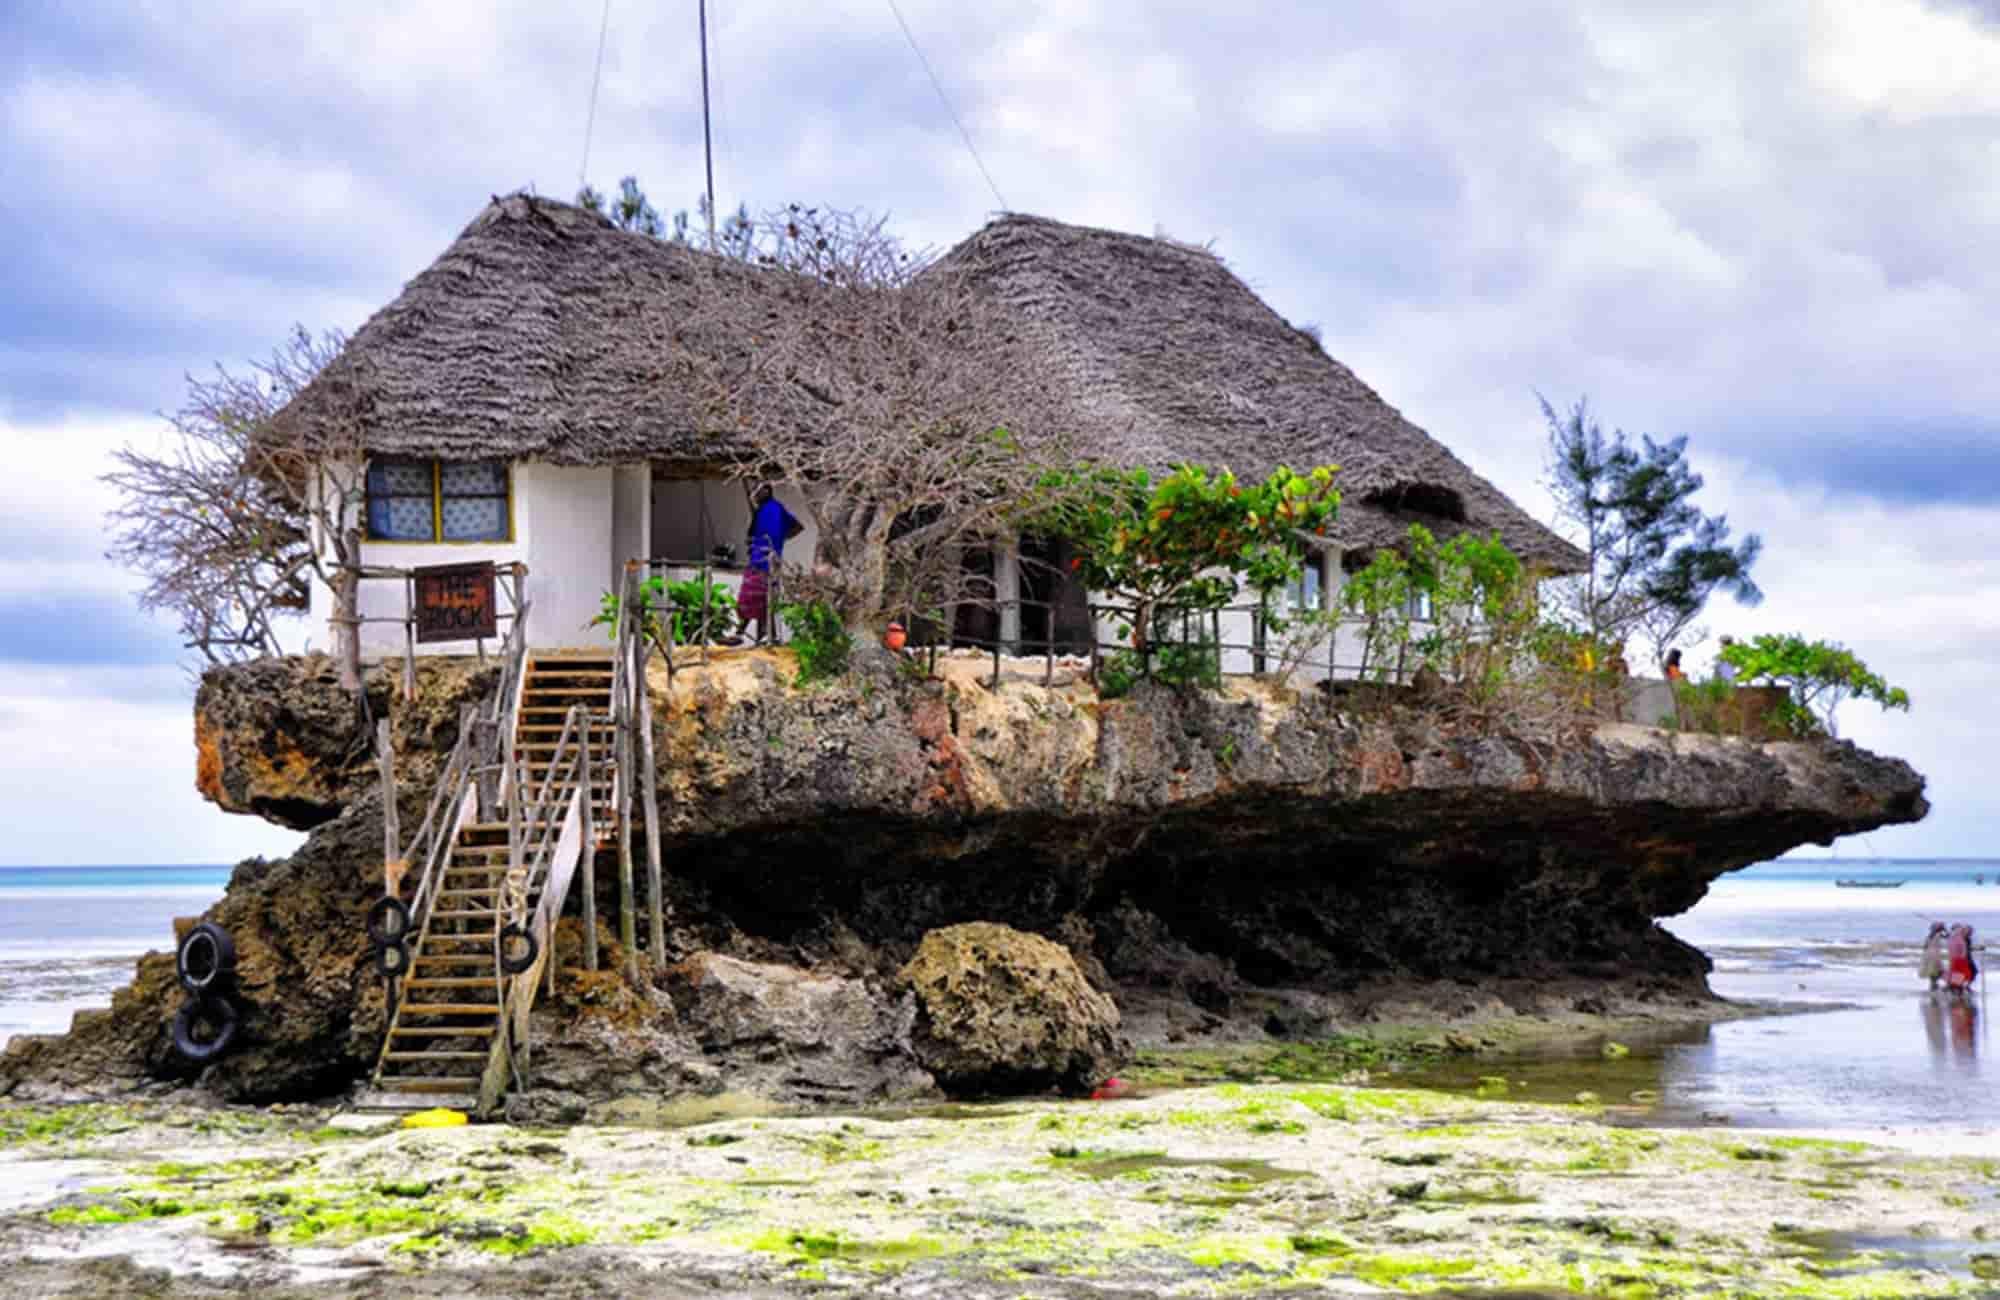 Voyage à Zanzibar - Restaurant The Rock - Amplitudes